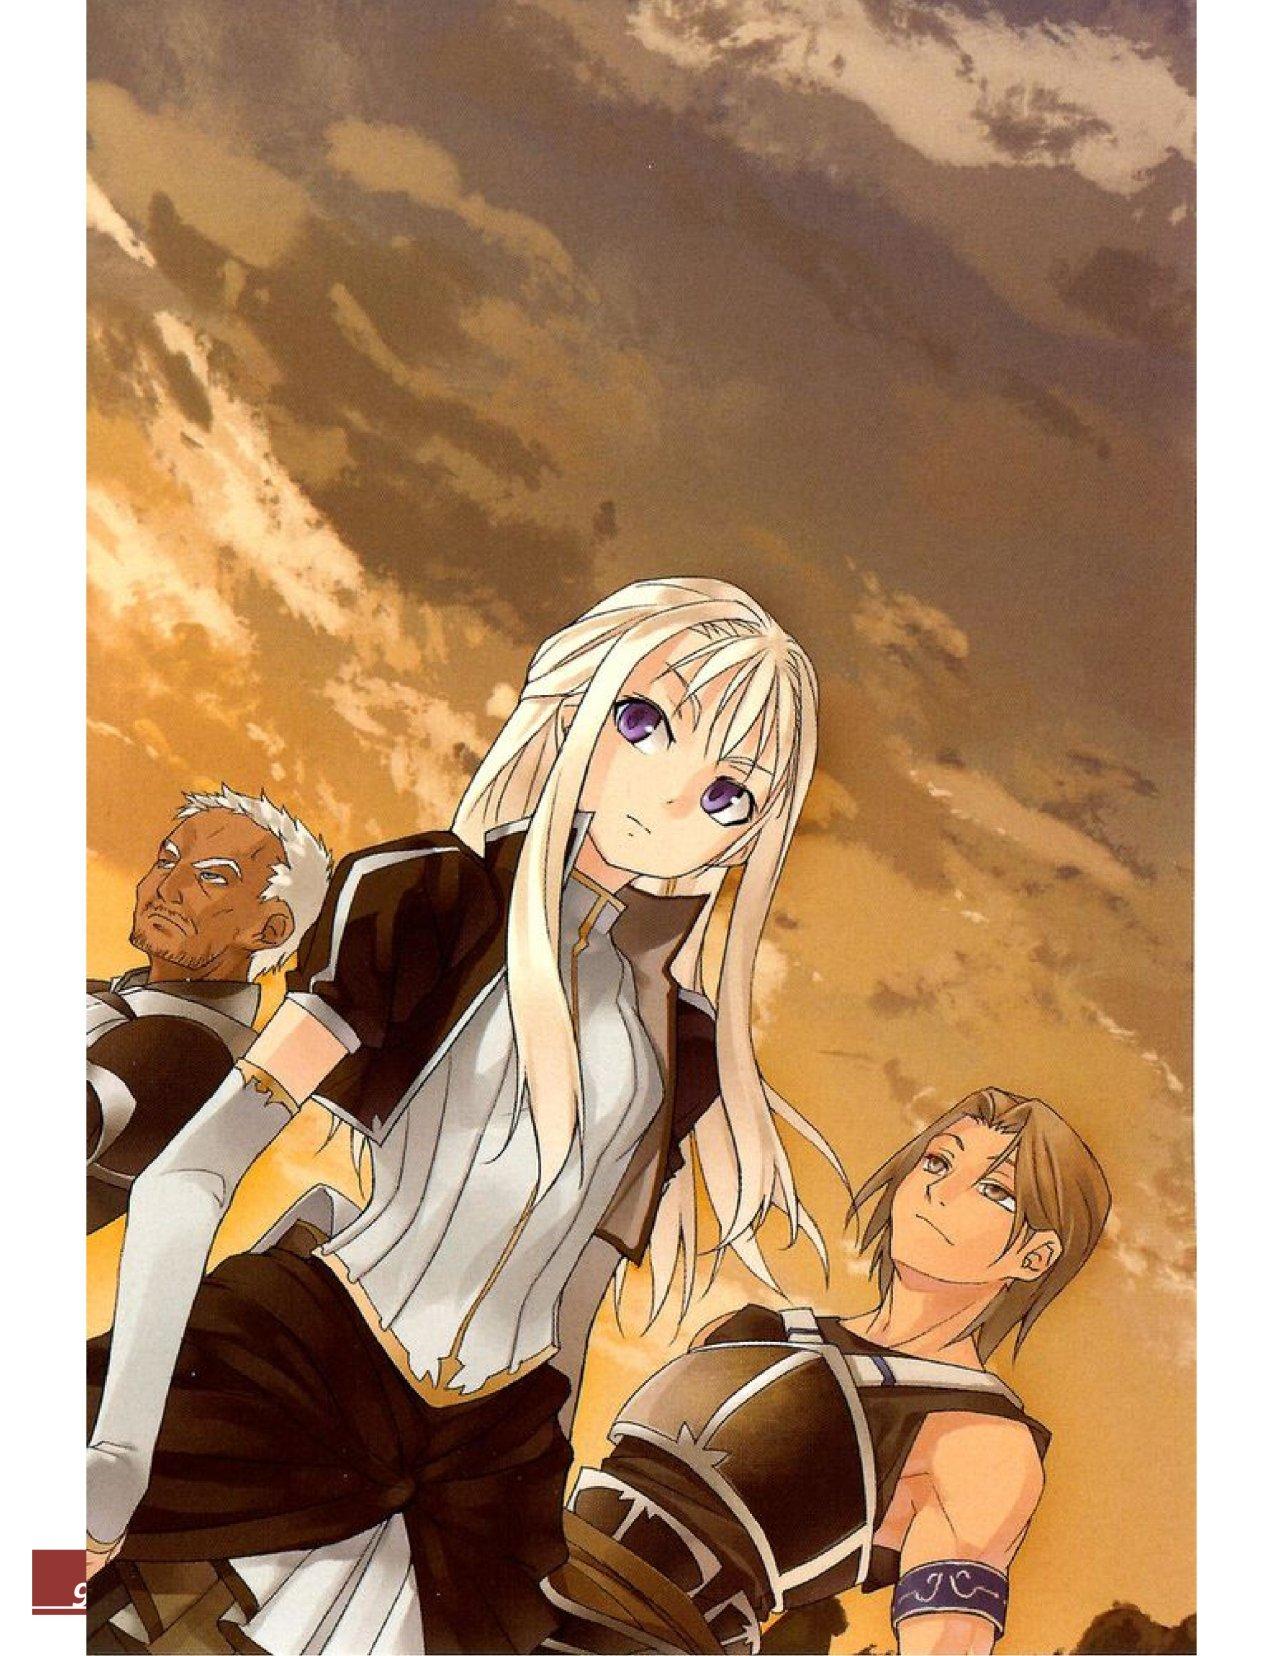 https://c9.mangatag.com/es_manga/pic5/22/25558/727844/789c923a1e30a4048ec19c954b4e3510.jpg Page 9